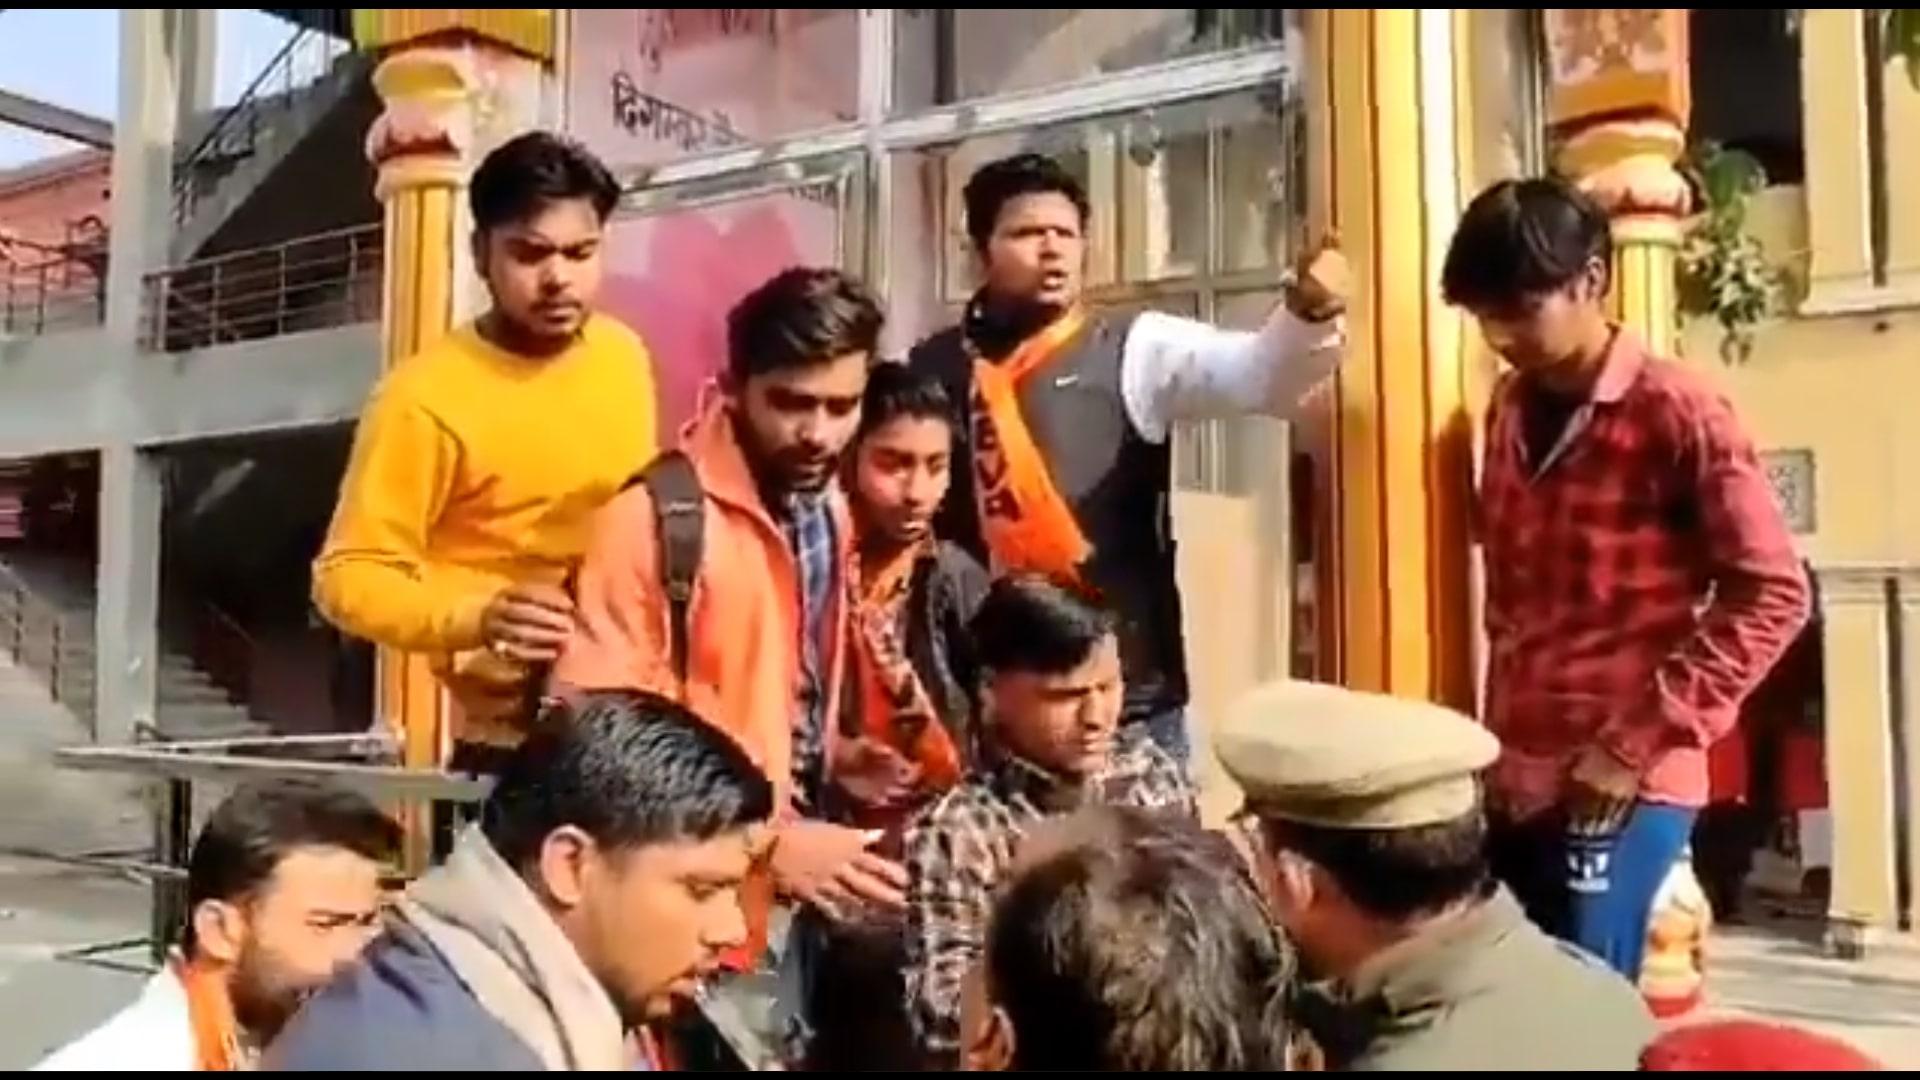 اتر پردیش کے دگمبر جین کالج میں جین کے مجسمے کے پاس اکٹھا اے بی وی پی کارکن۔ (ویڈیو اسکرین گریب: ٹوئٹر/@djohninc)